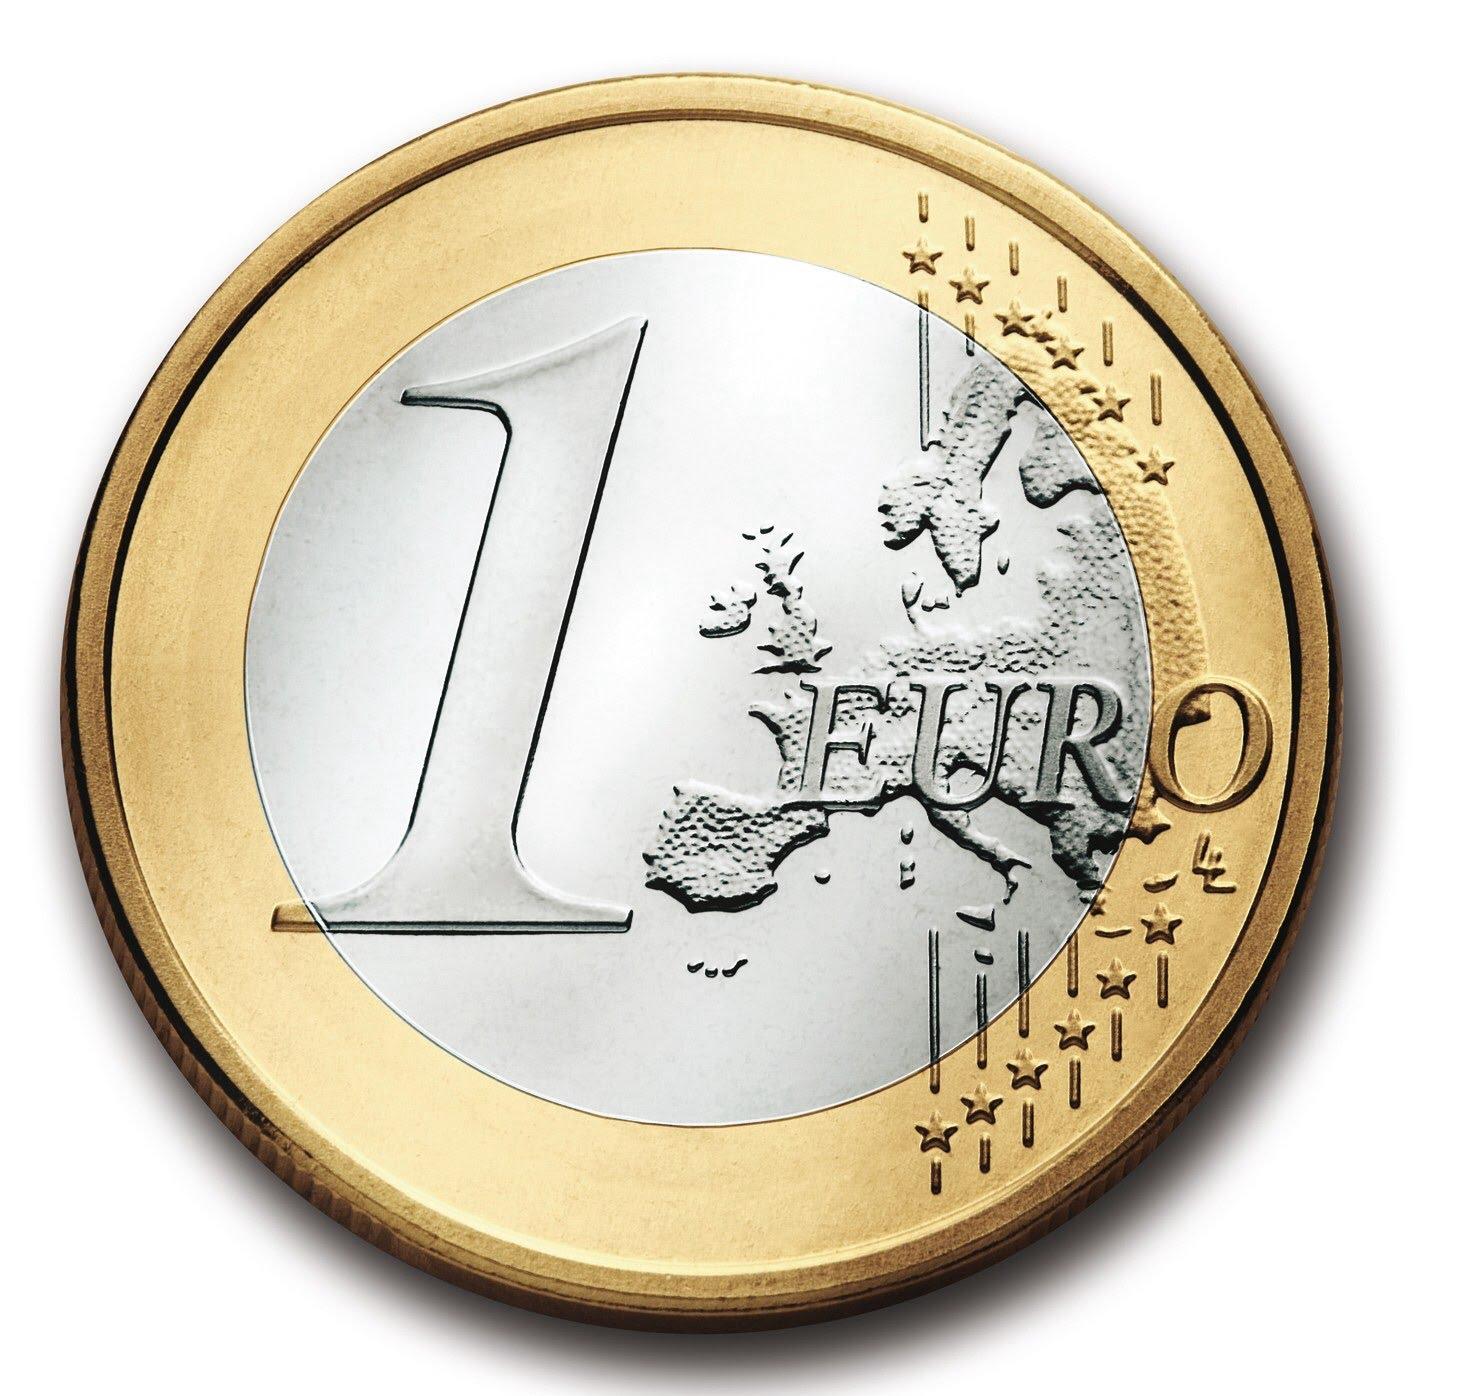 Permis à 1 euro par jour : les nouvelles règles pour obtenir ce financement